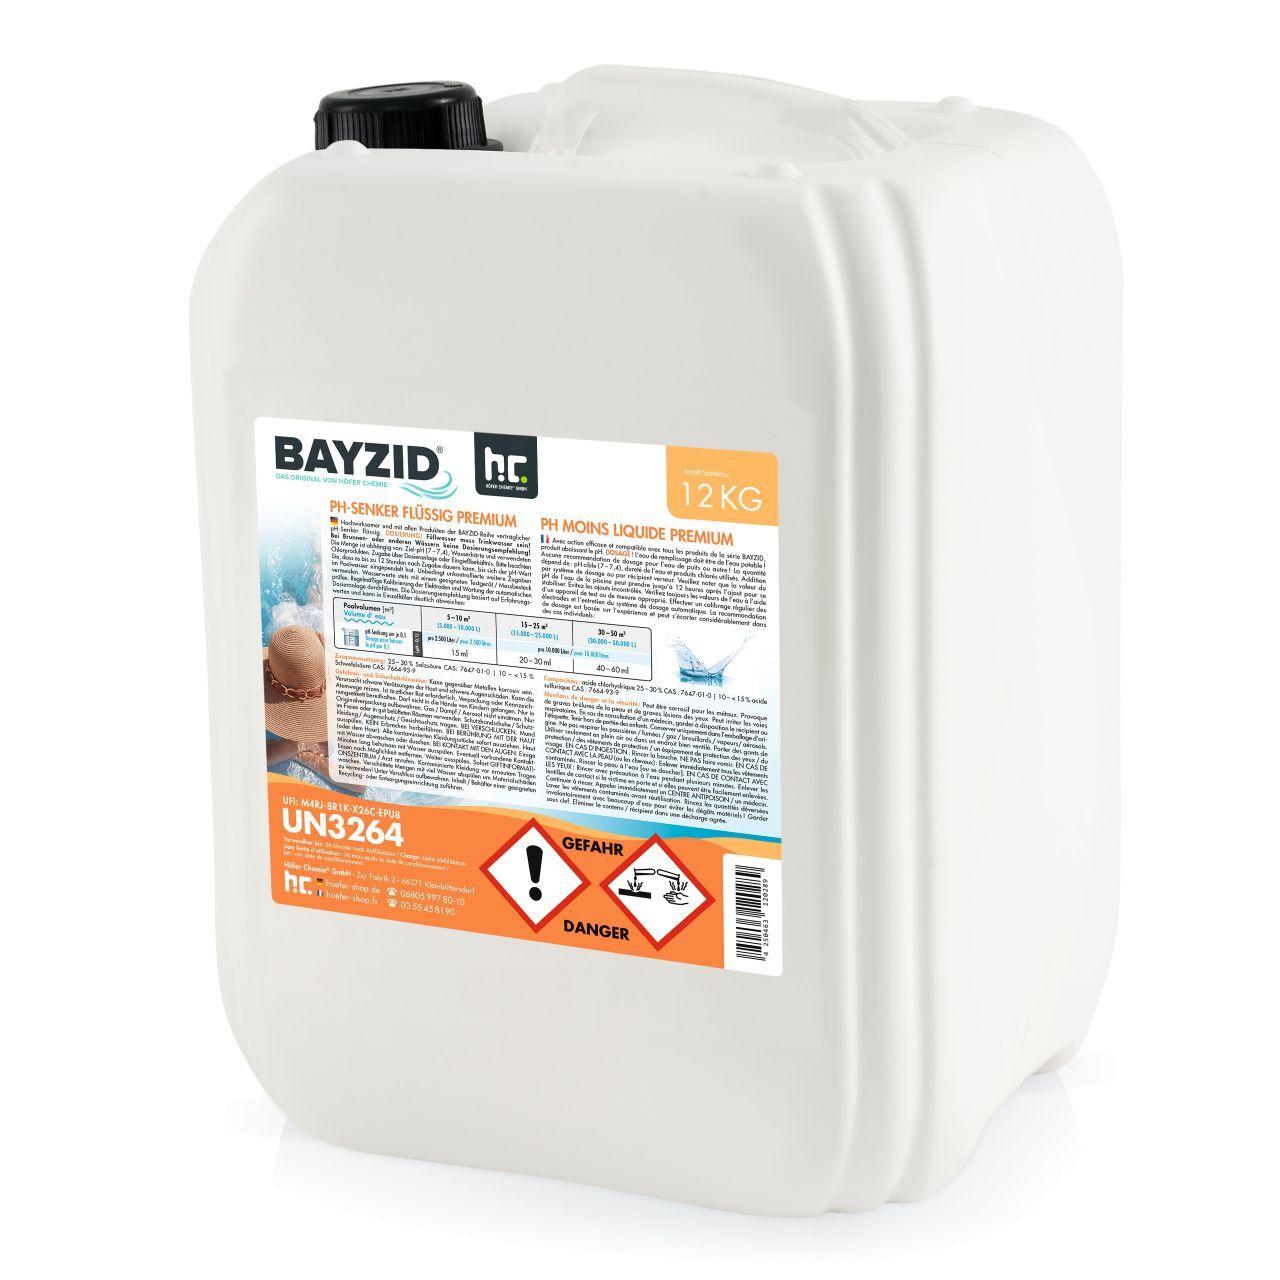 BAYZID 48 kg Höfer Chemie 4 x 12 kg (48 kg) BAYZID pH moins liquide - l'ORIGINAL pou...